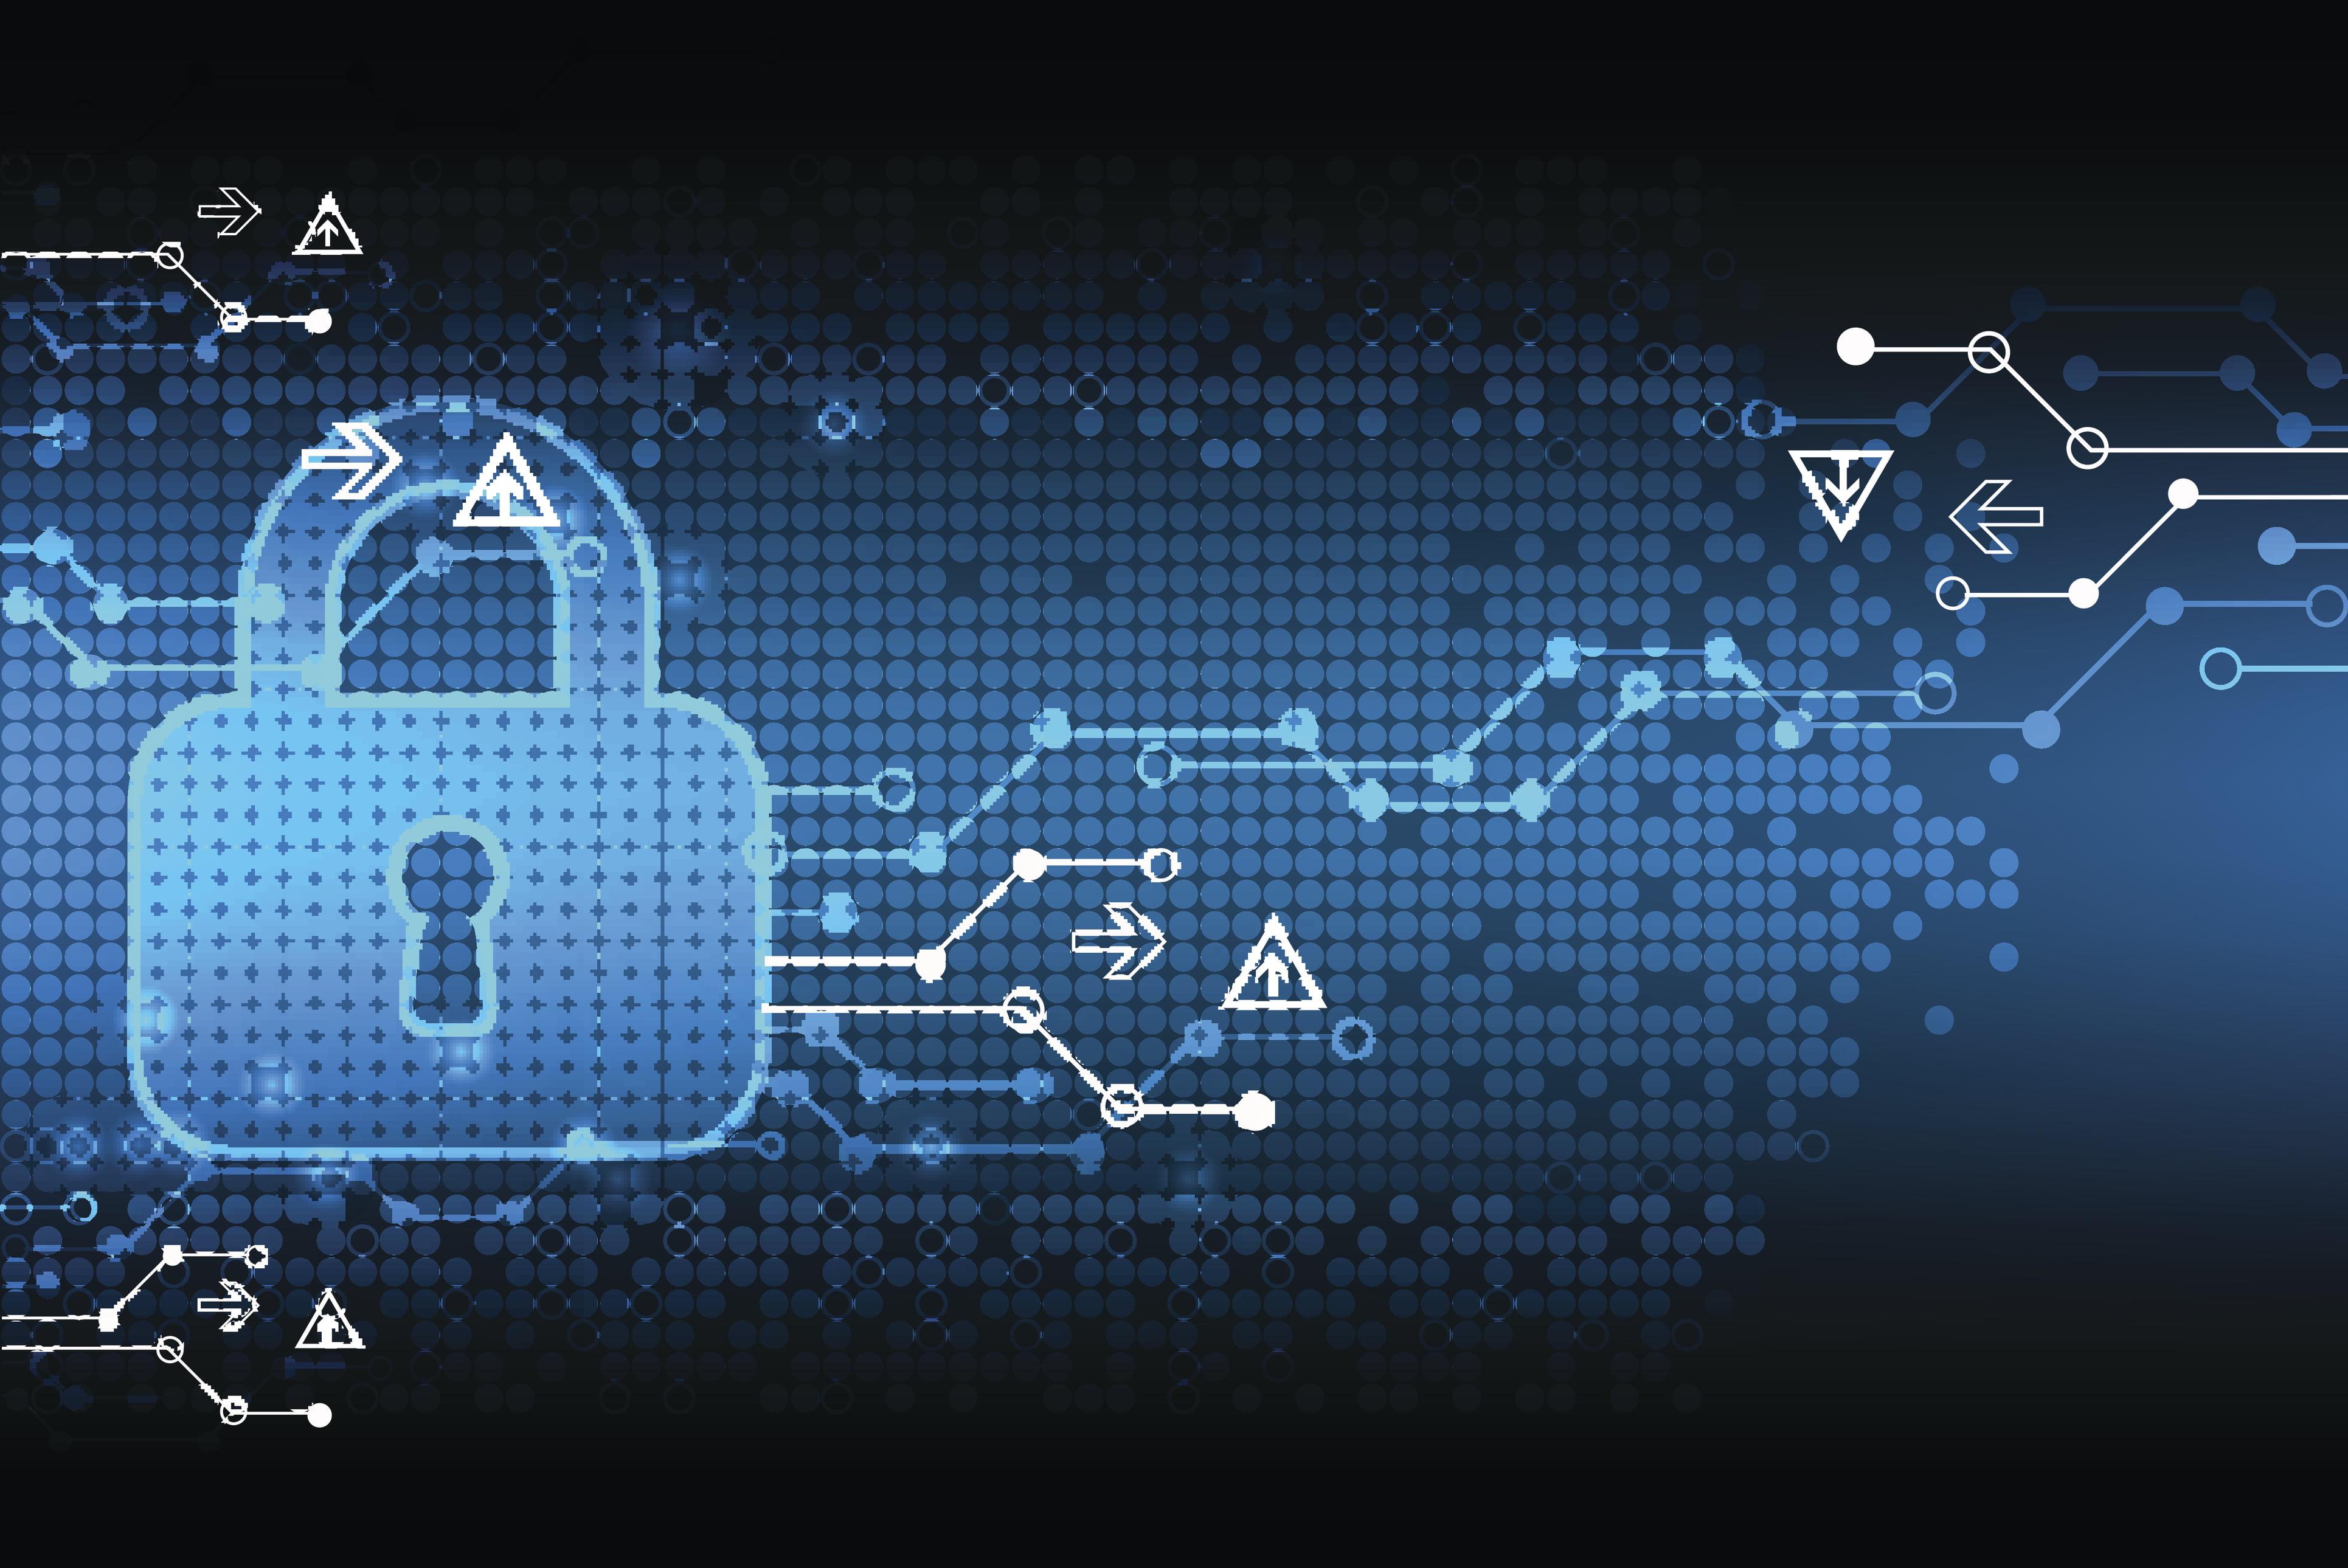 Как читать и писать правила Snort для обхода систем обнаружения сетевых вторжений